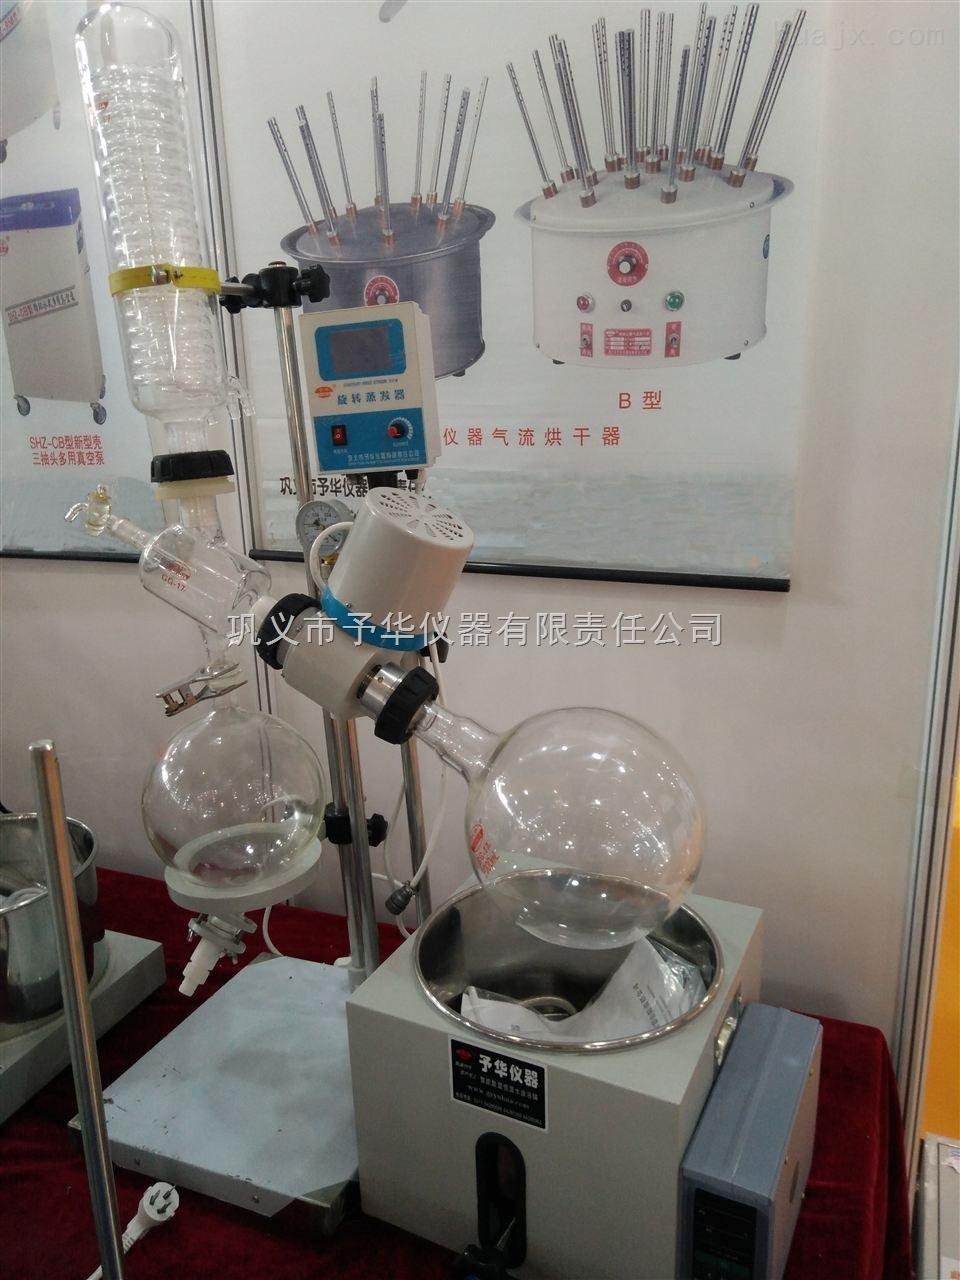 YRE-301-小型旋转蒸发仪选购巩义予华仪器质量优价格低